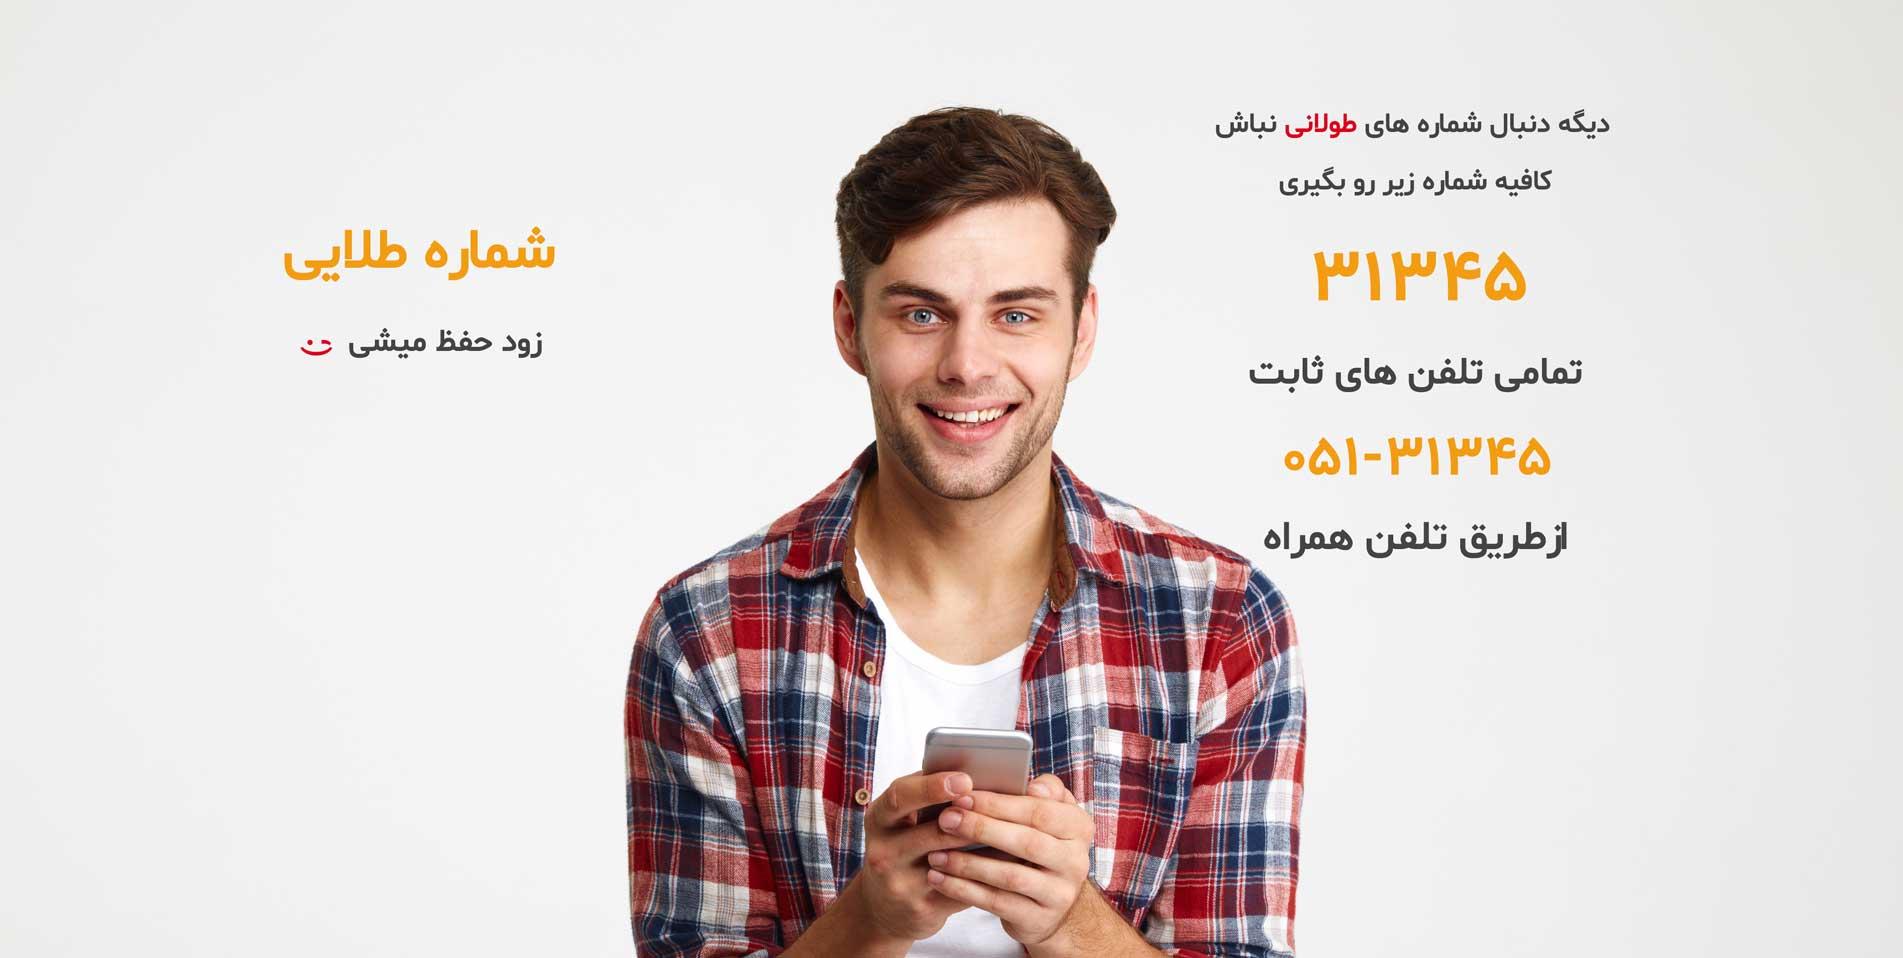 فرزانگان بار | حمل بار در مشهد | باربری مشهد